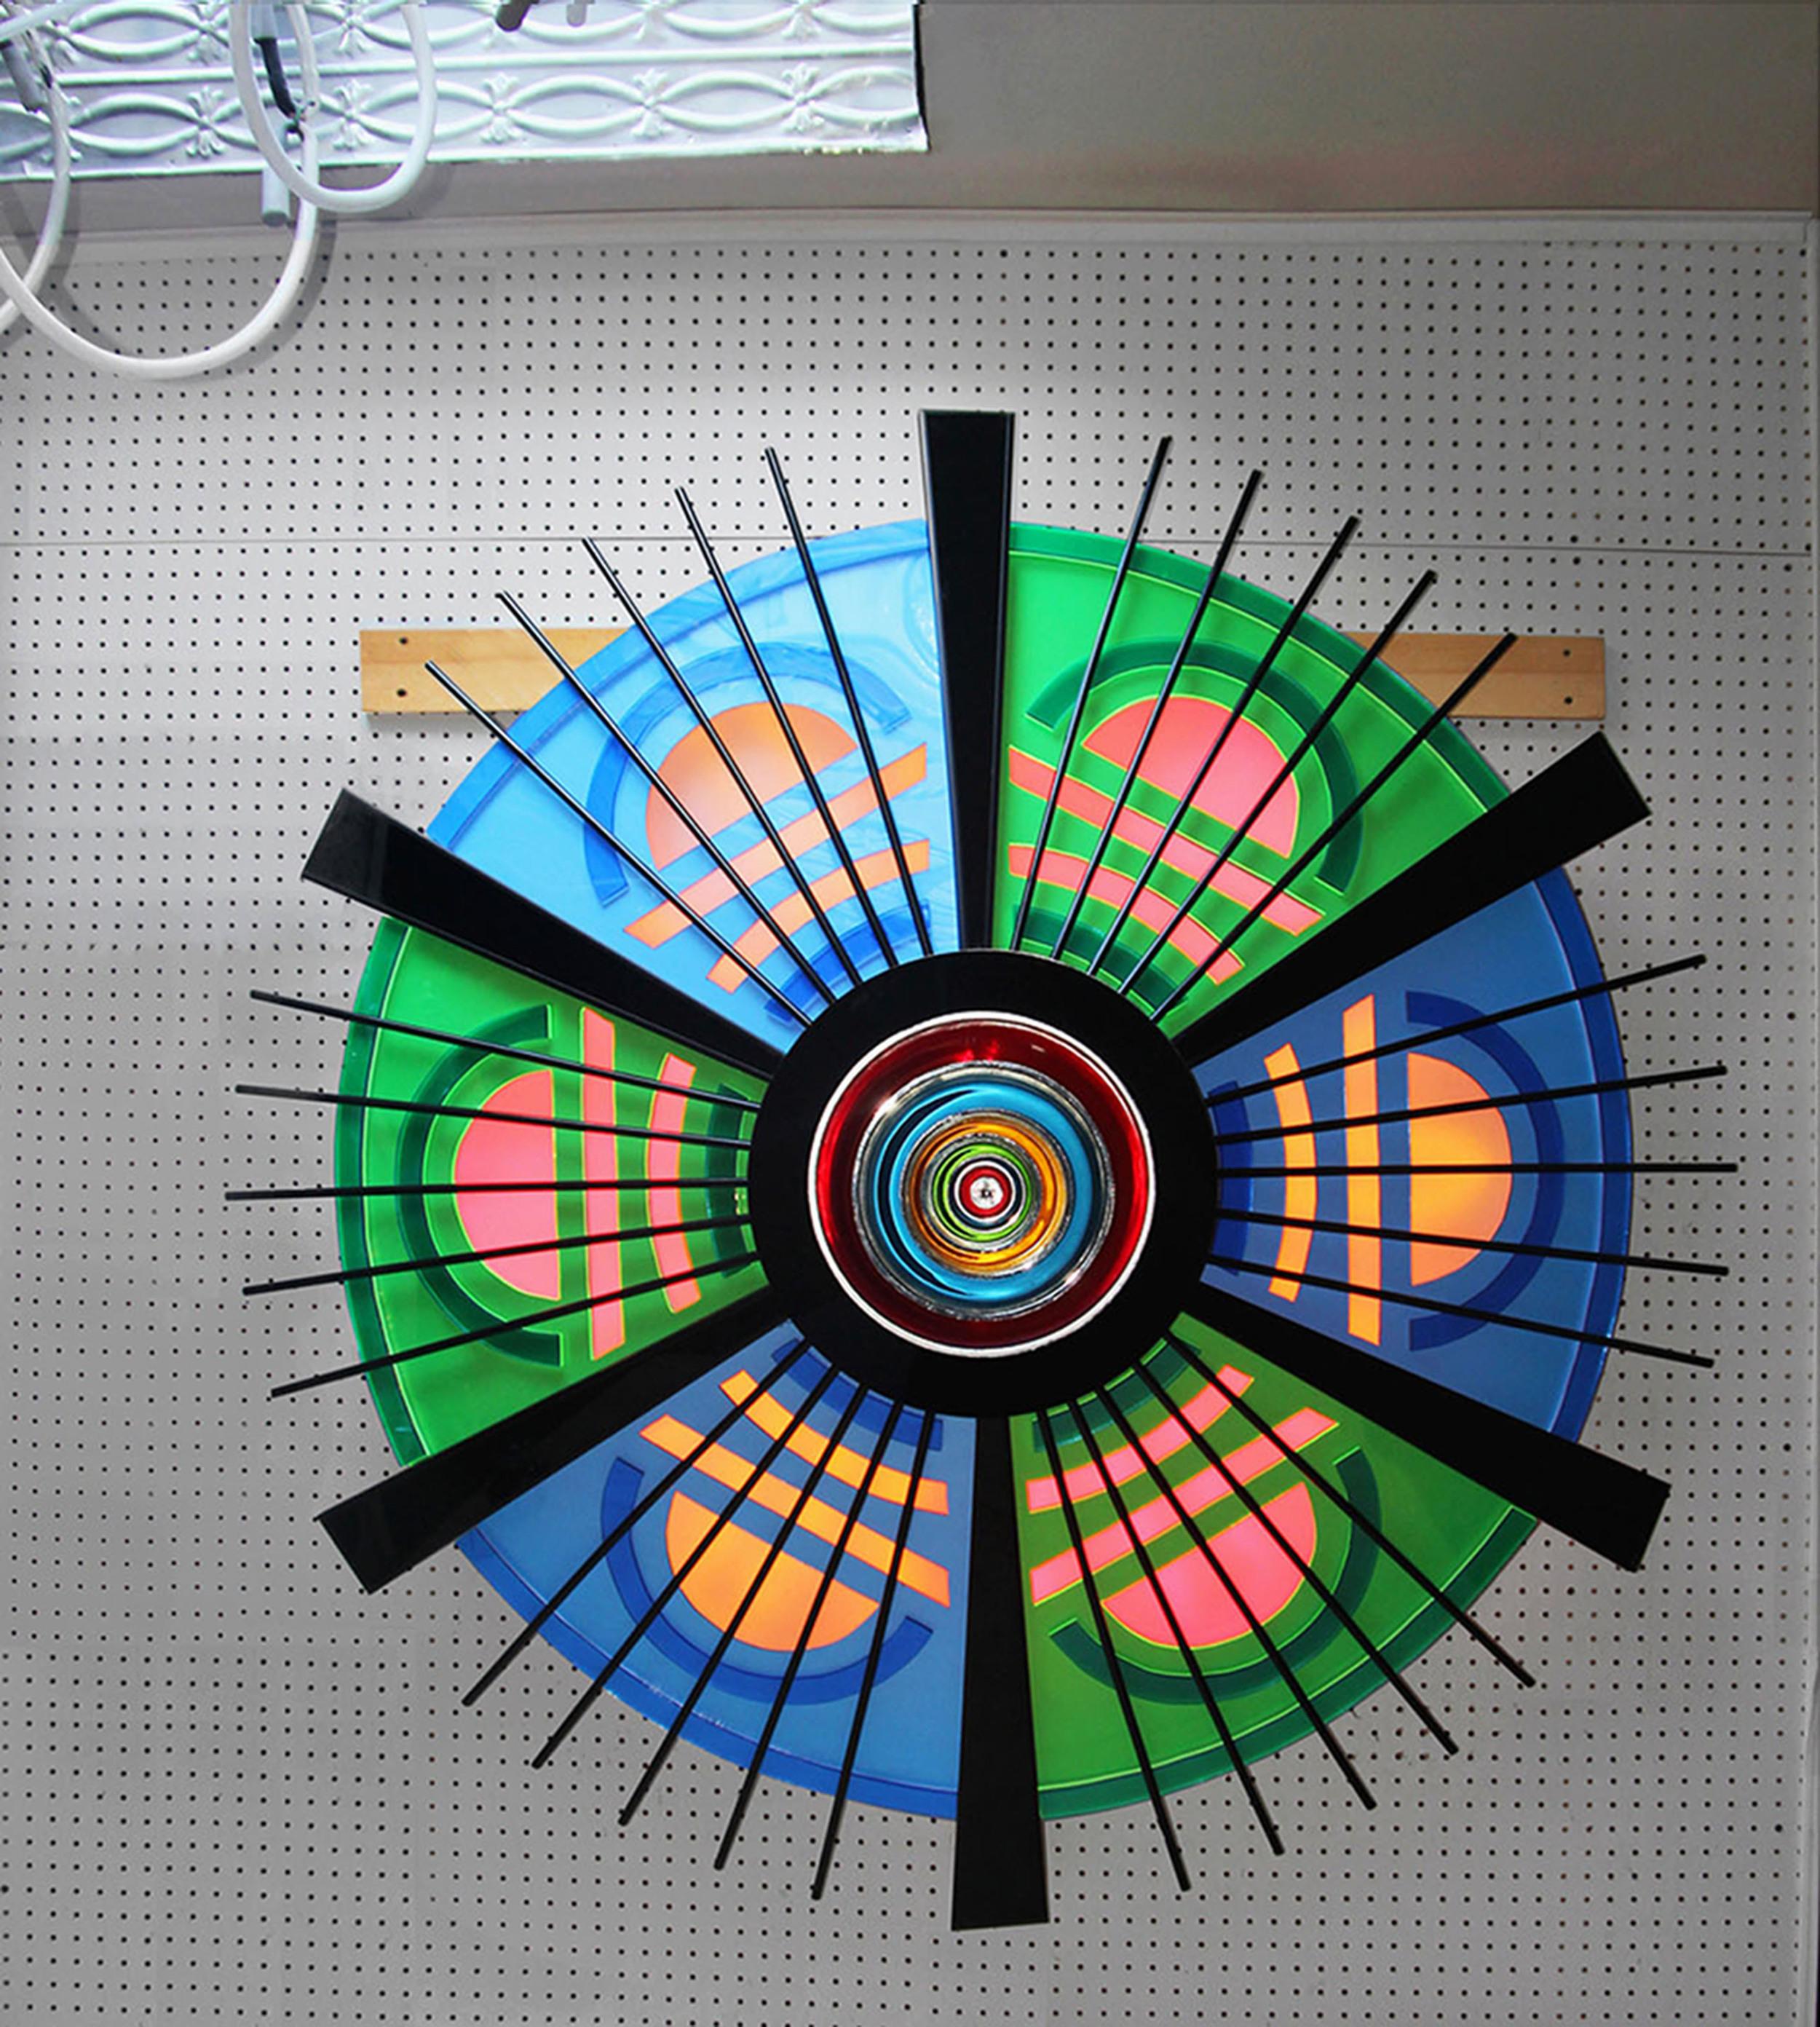 8 - Plexiglass sculpture under a skylight copy.jpg